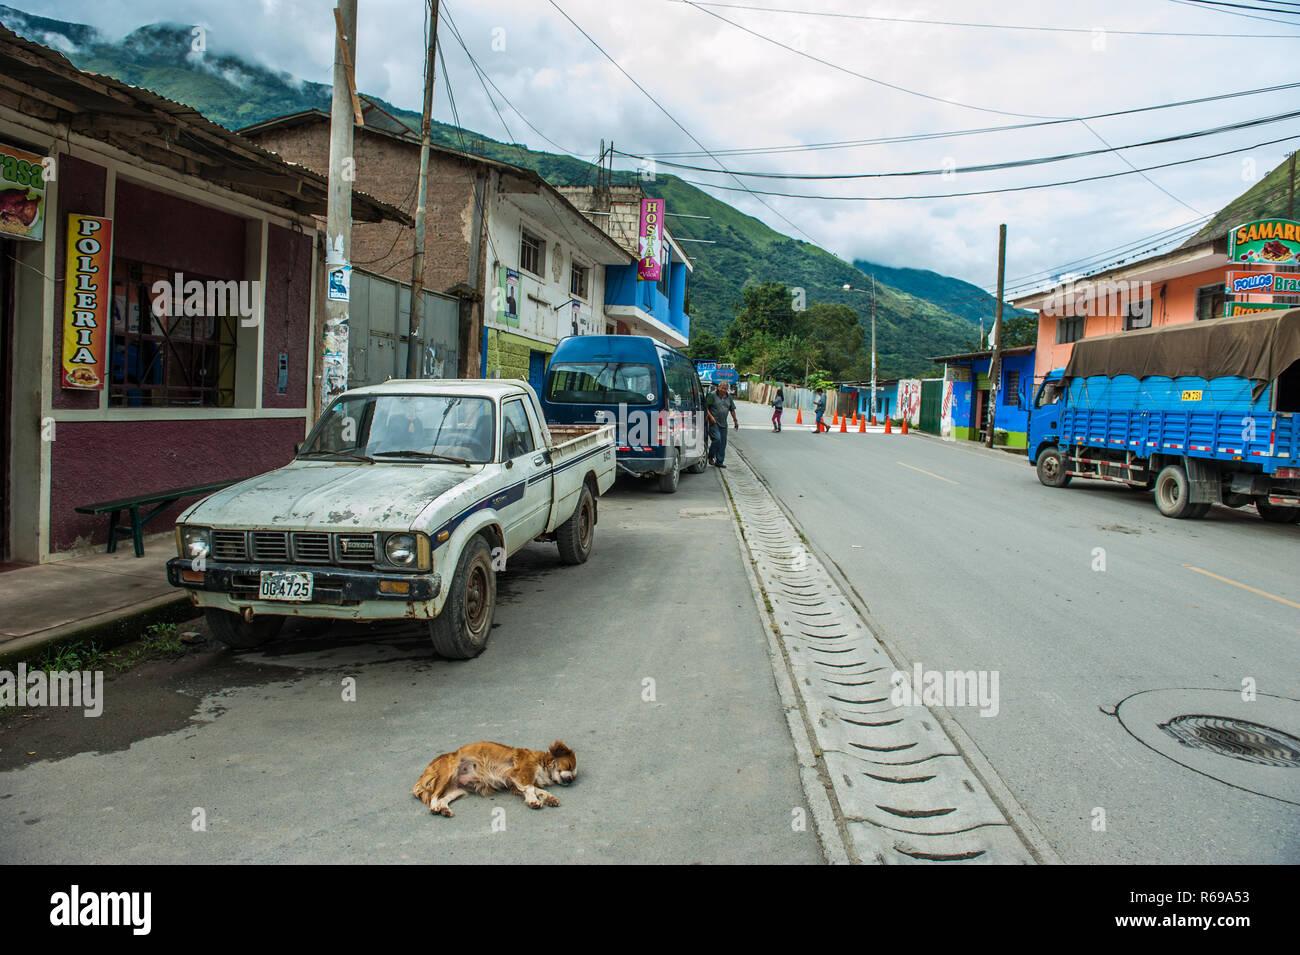 Small village of Santa maria in Peru. - Stock Image